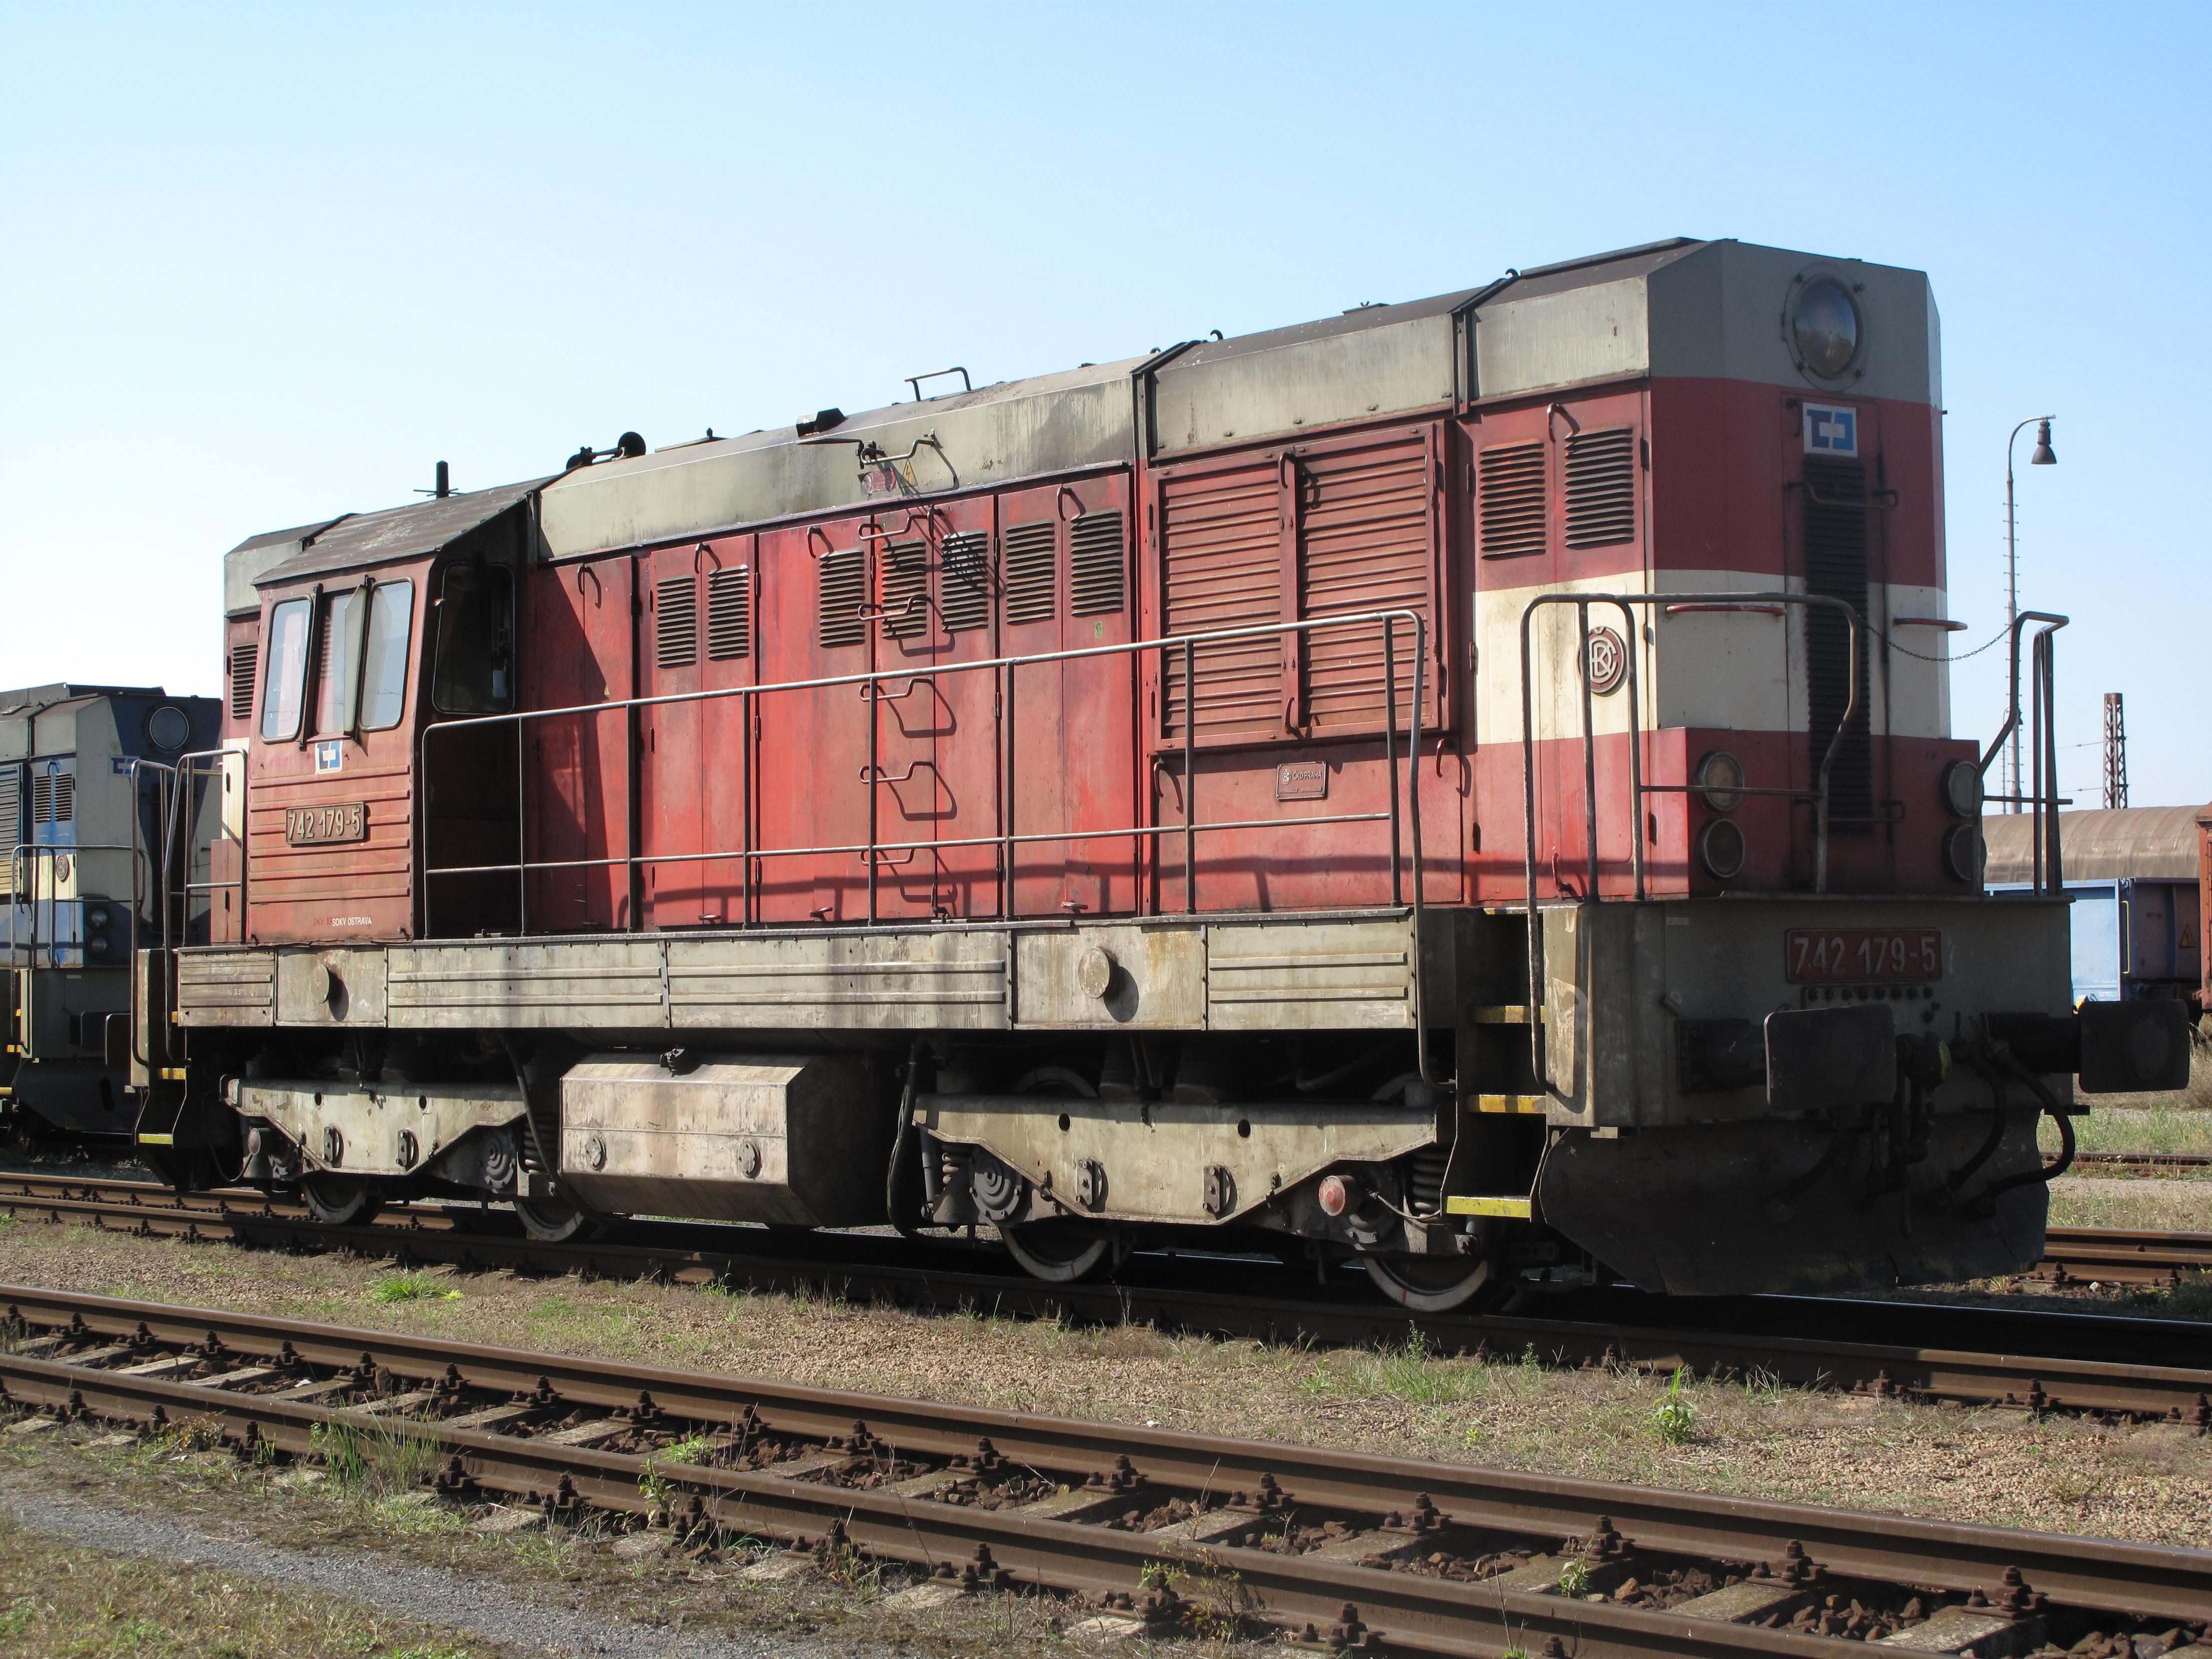 File:Lokomotiva 742 v Maloměřicích (6).jpg